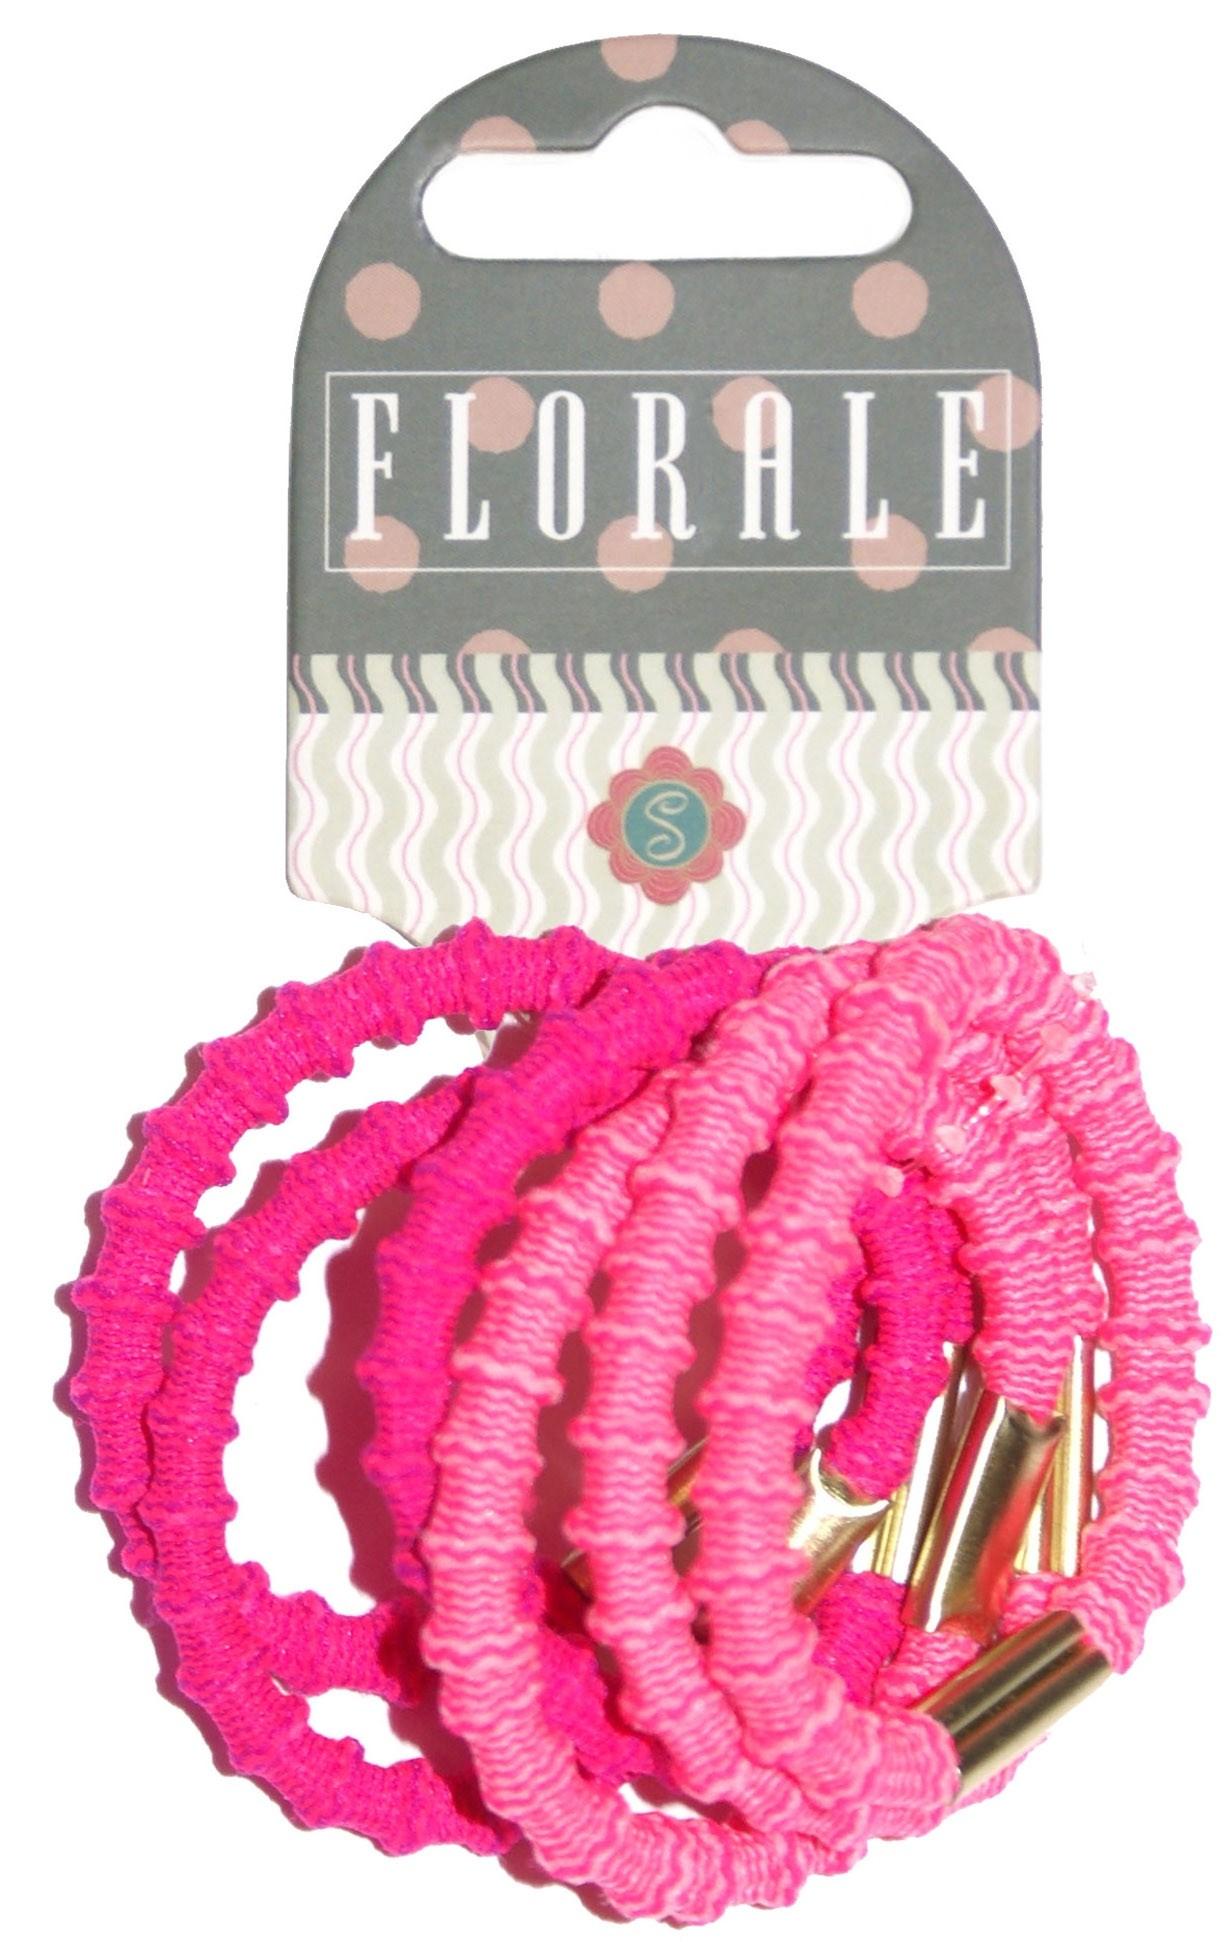 Украшения Florale Резинка для волоc Florale средняя 6 шт. в ассортименте украшения florale резинка для волоc florale 4 шт в ассортименте